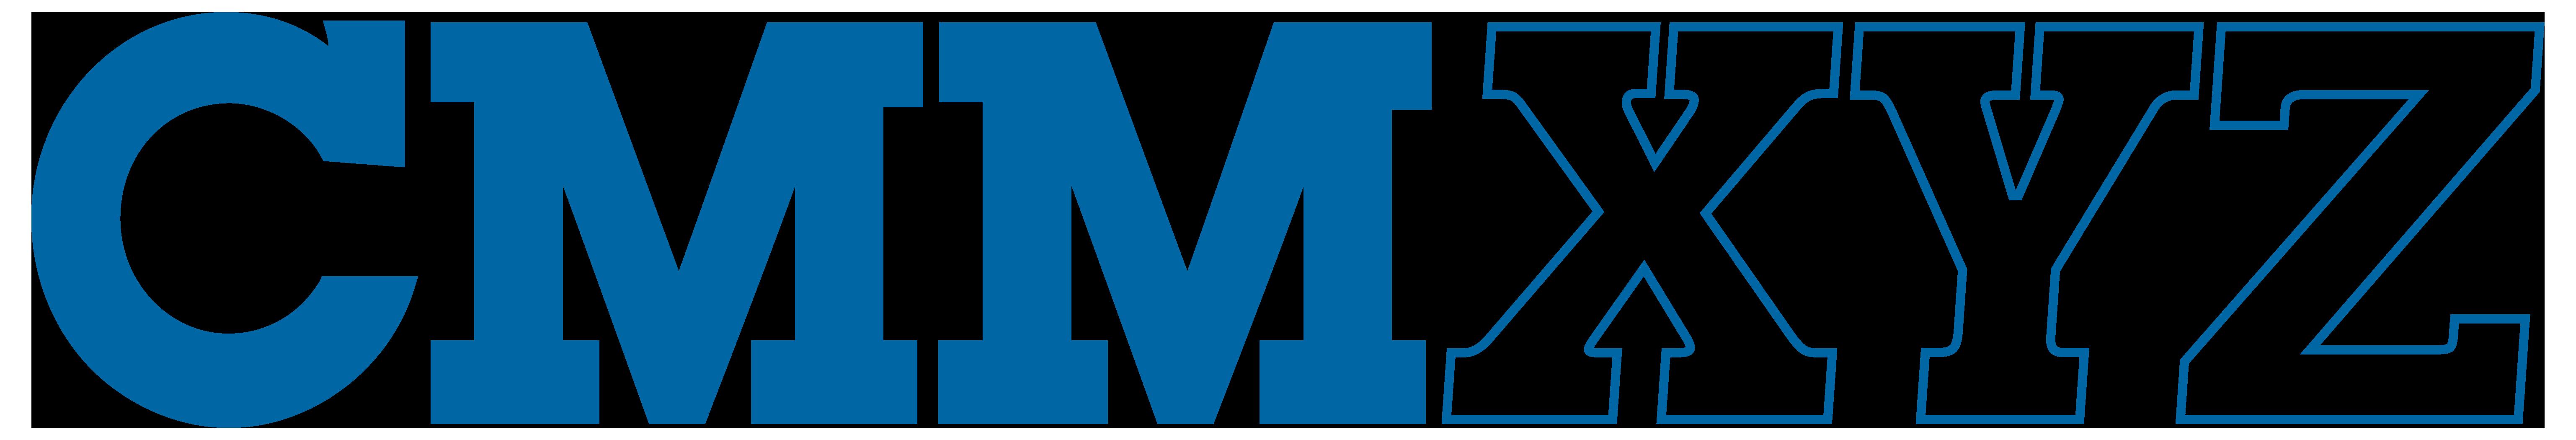 CMMXYZ_Logo_NoTagline_301u-1